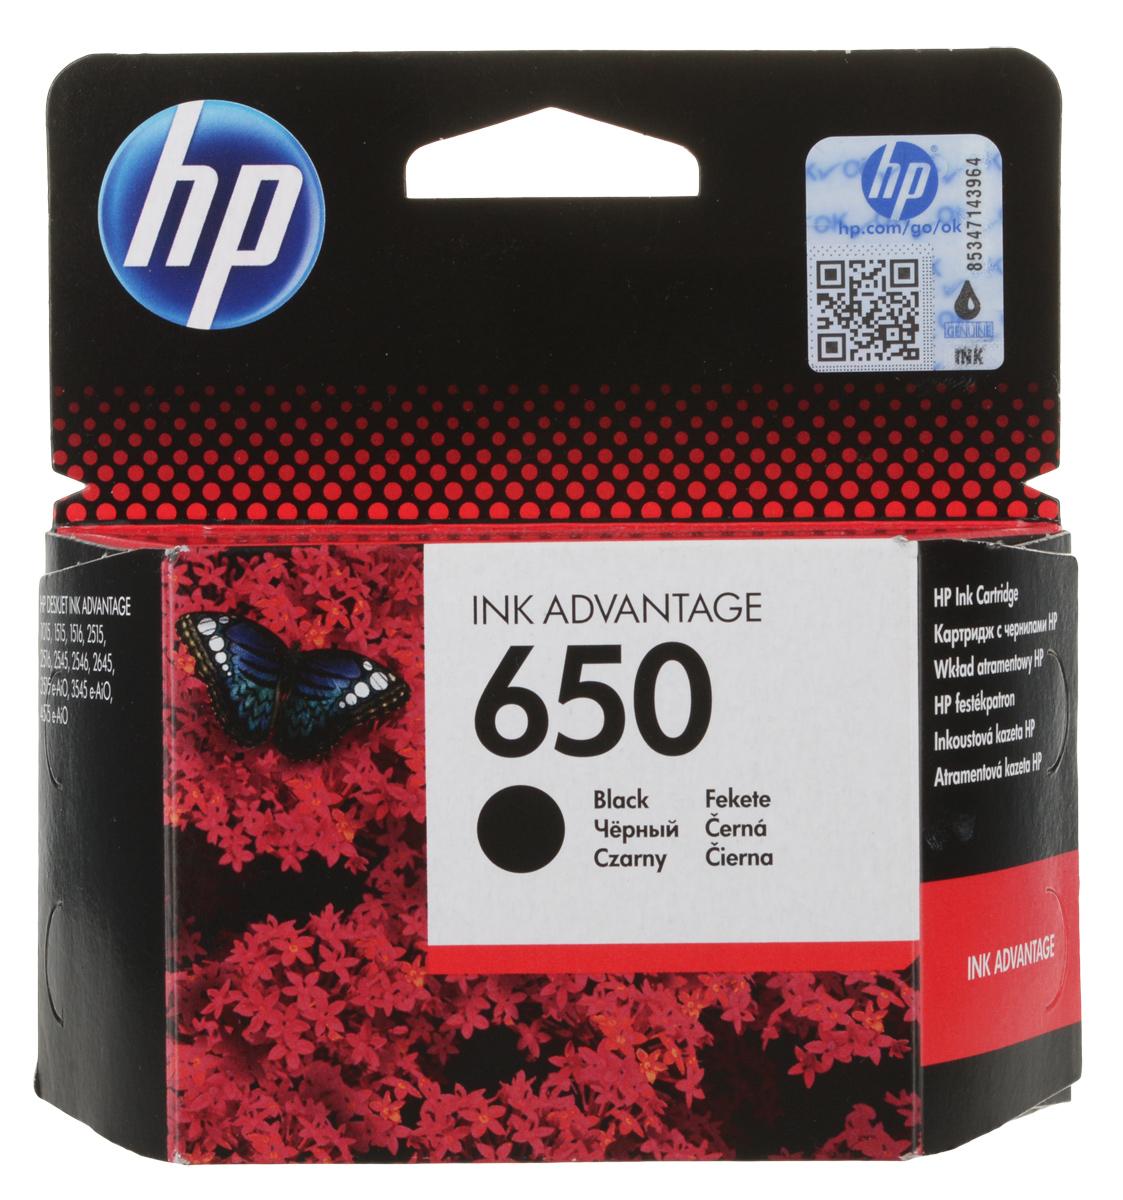 HP 650 CZ101AE, Black струйный картриджCZ101AEПроизводите высококачественные повседневные документы с насыщенным черным текстом, сократив расходы на печать благодаря использованию черных картриджей HP CZ101AE (650). Воспользуйтесь преимуществами премиум-качества HP при новой, меньшей стоимости. Уважаемые клиенты! Обращаем ваше внимание на то, что упаковка может иметь несколько видов дизайна. Поставка осуществляется в зависимости от наличия на складе.